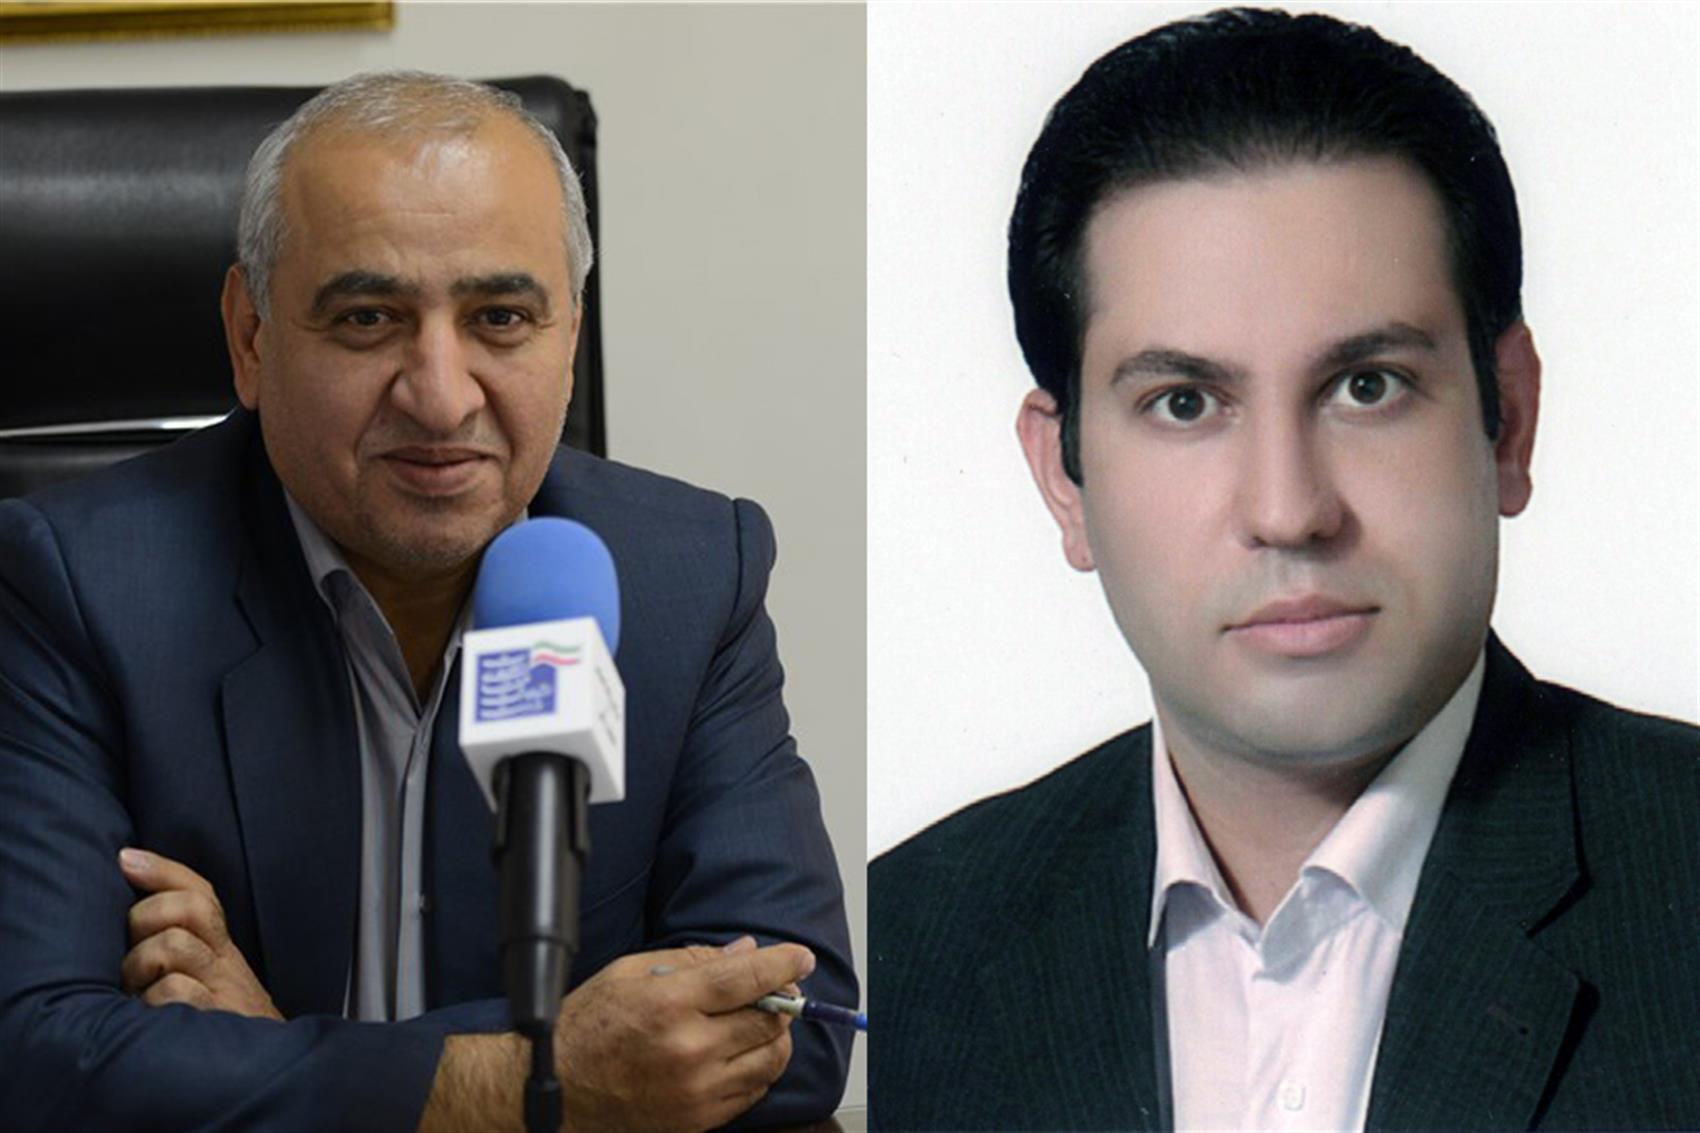 «محمد رضا قادری» به عنوان عضو هیات مدیره شرکت ملی پست منصوب شد